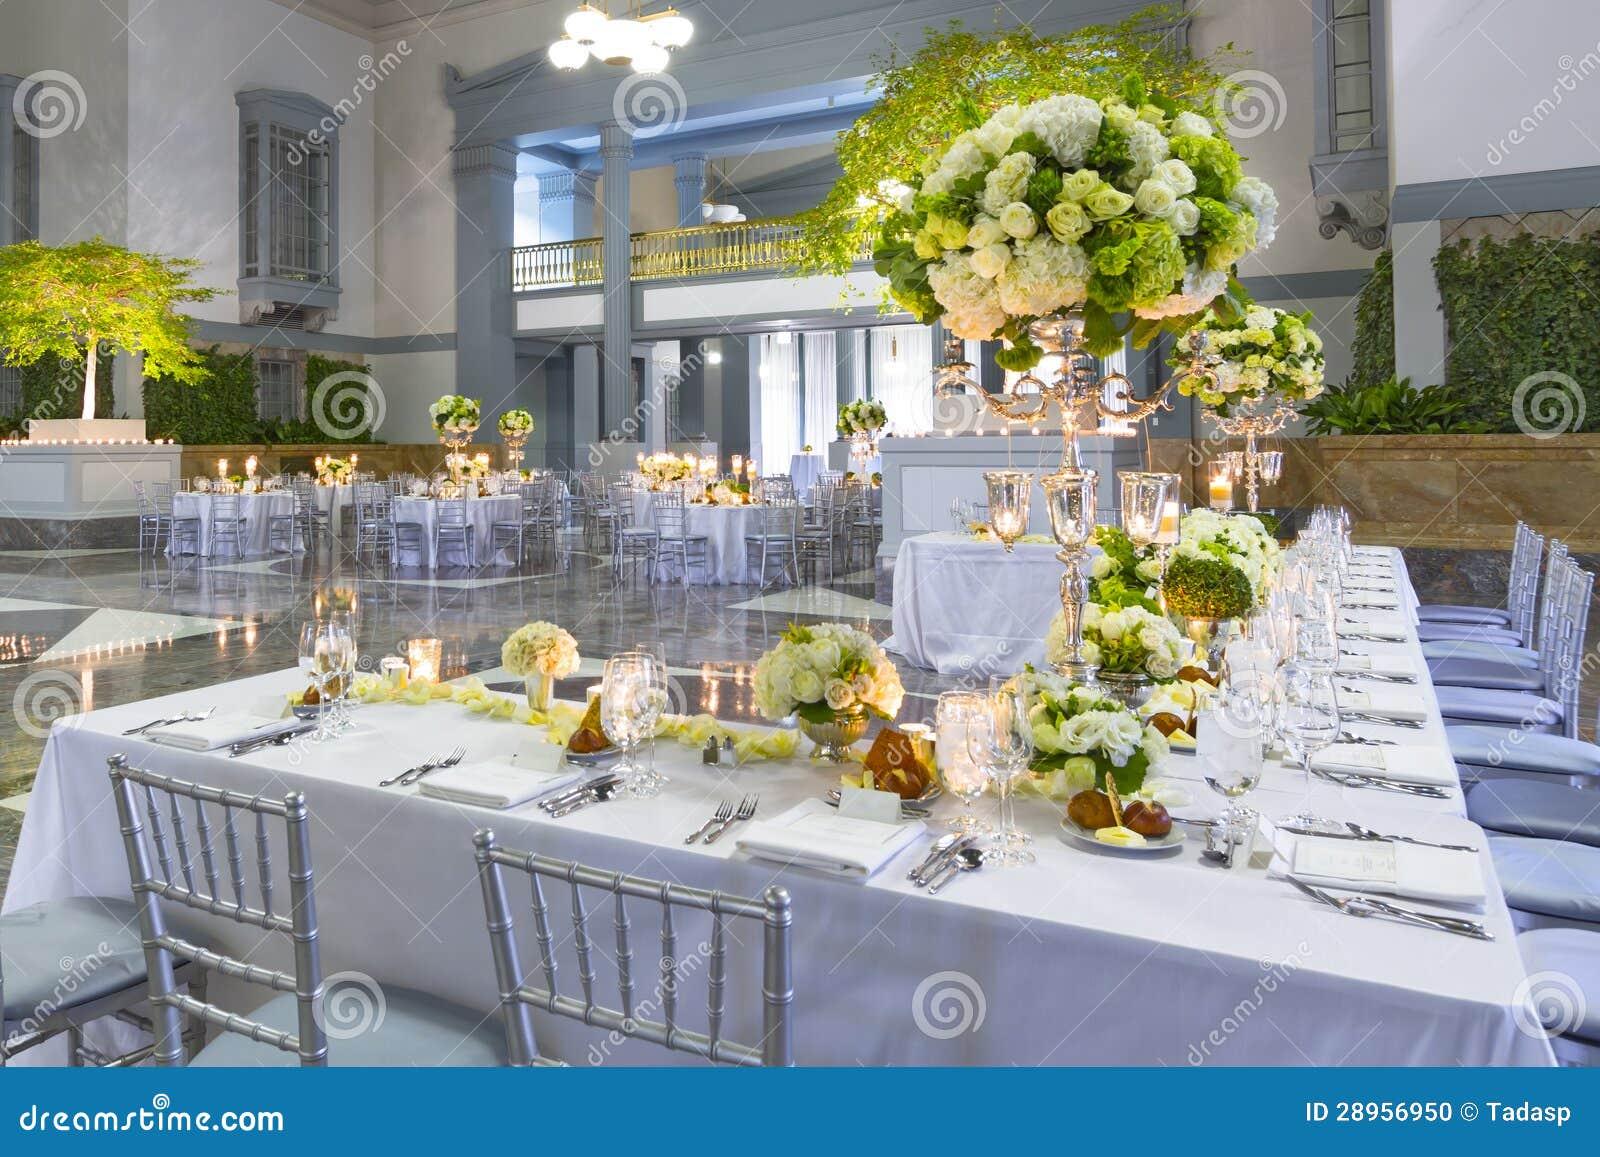 De decoratie van de lijst van het trefpunt van de gebeurtenis of van het huwelijk stock foto - Decoratie van de kamers van de meiden ...